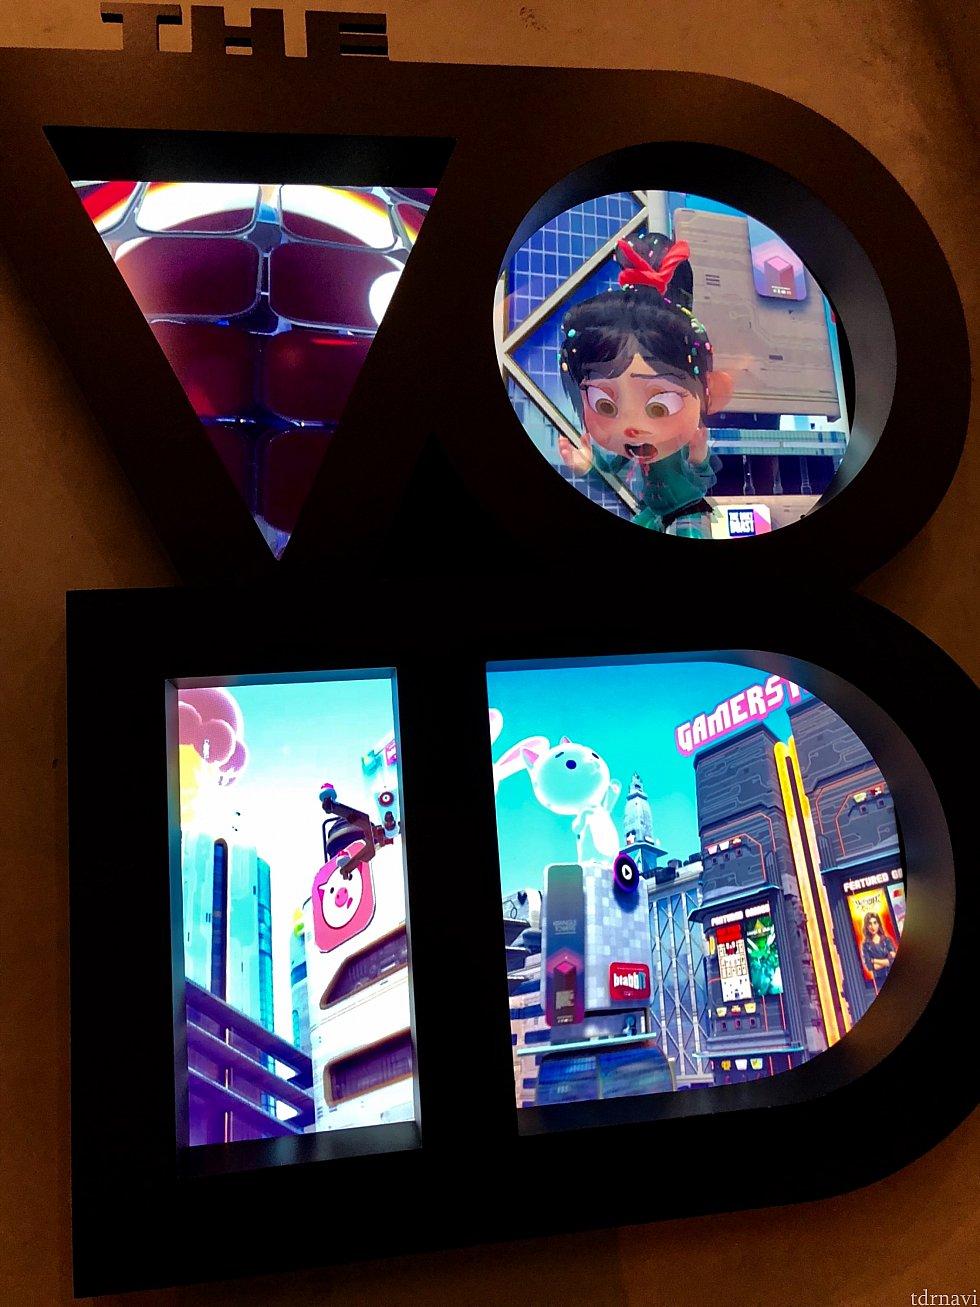 ロビーのスクリーンで、シュガーラッシュVRの映像がちょっとだけ見ることが出来ます。プレイヤーの背の高さがVRの中でも反映されていたのが、意外でした。VRの世界の中でとっても背が高い友達は以上に高く、背の高い友達はめっちゃ小さくなっていてみんなでウケました。